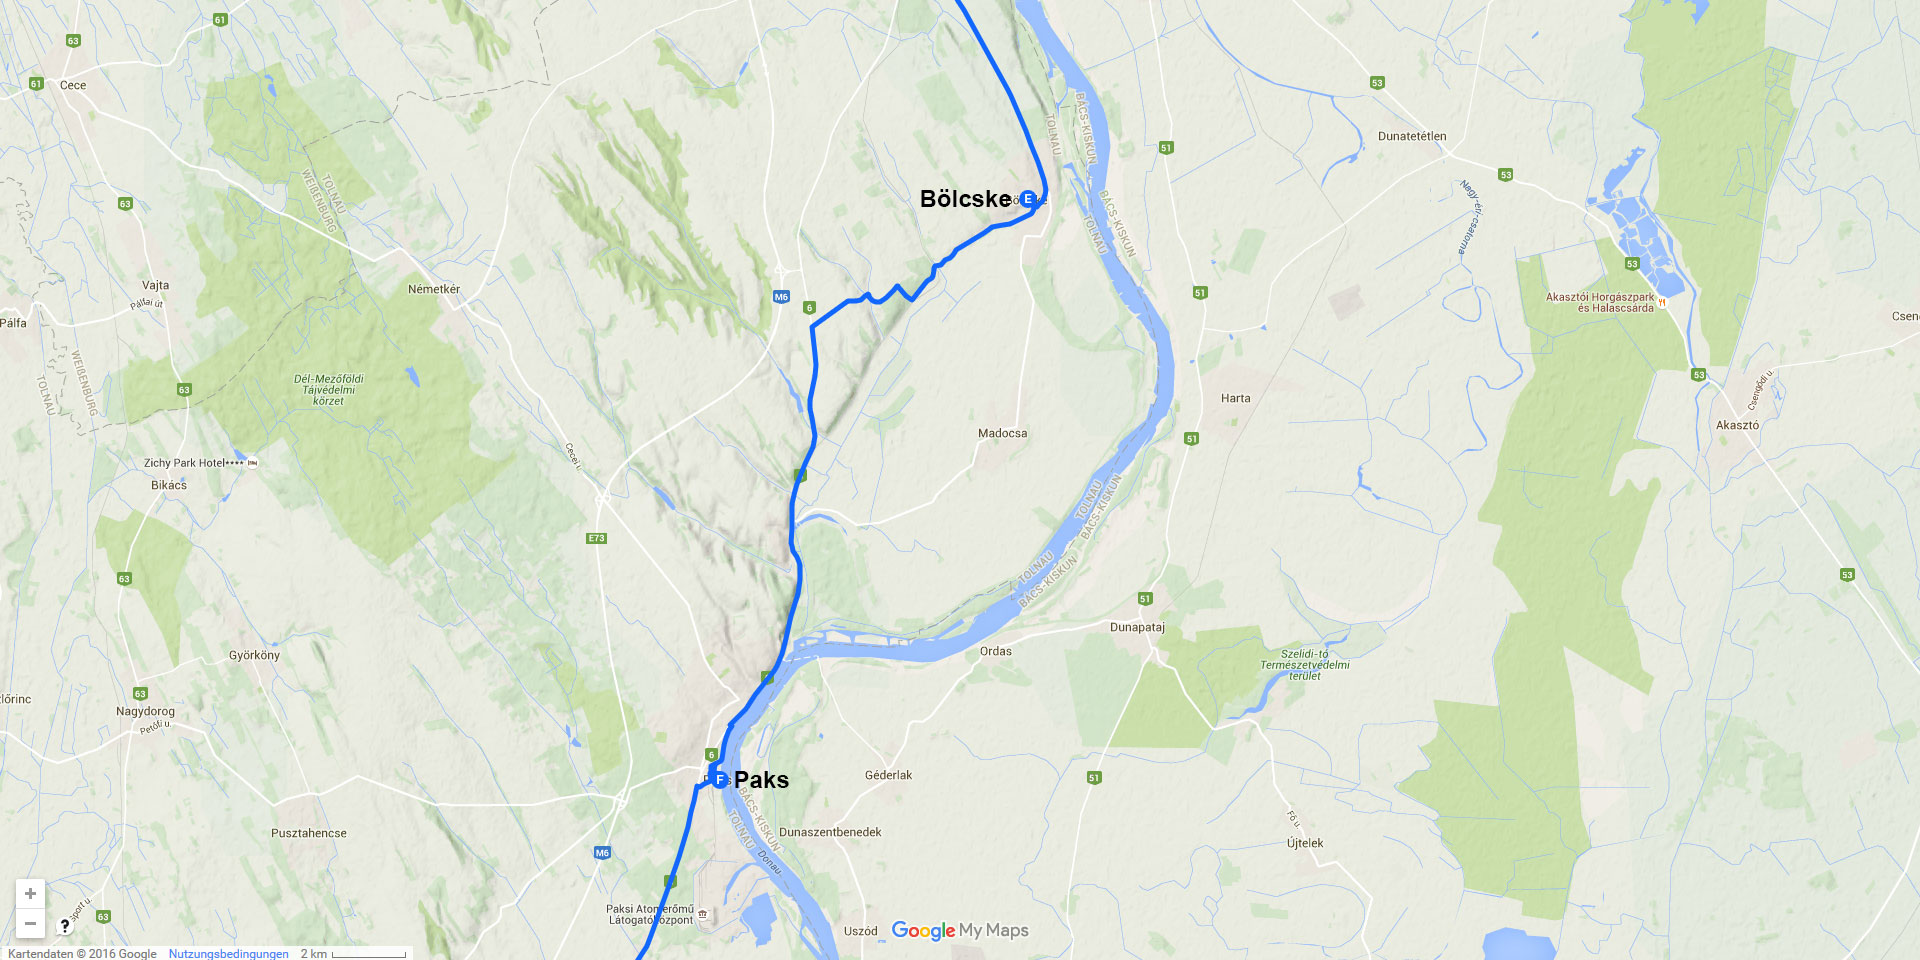 Die Tagesstrecke von Bölcske nach Paks (26 km)